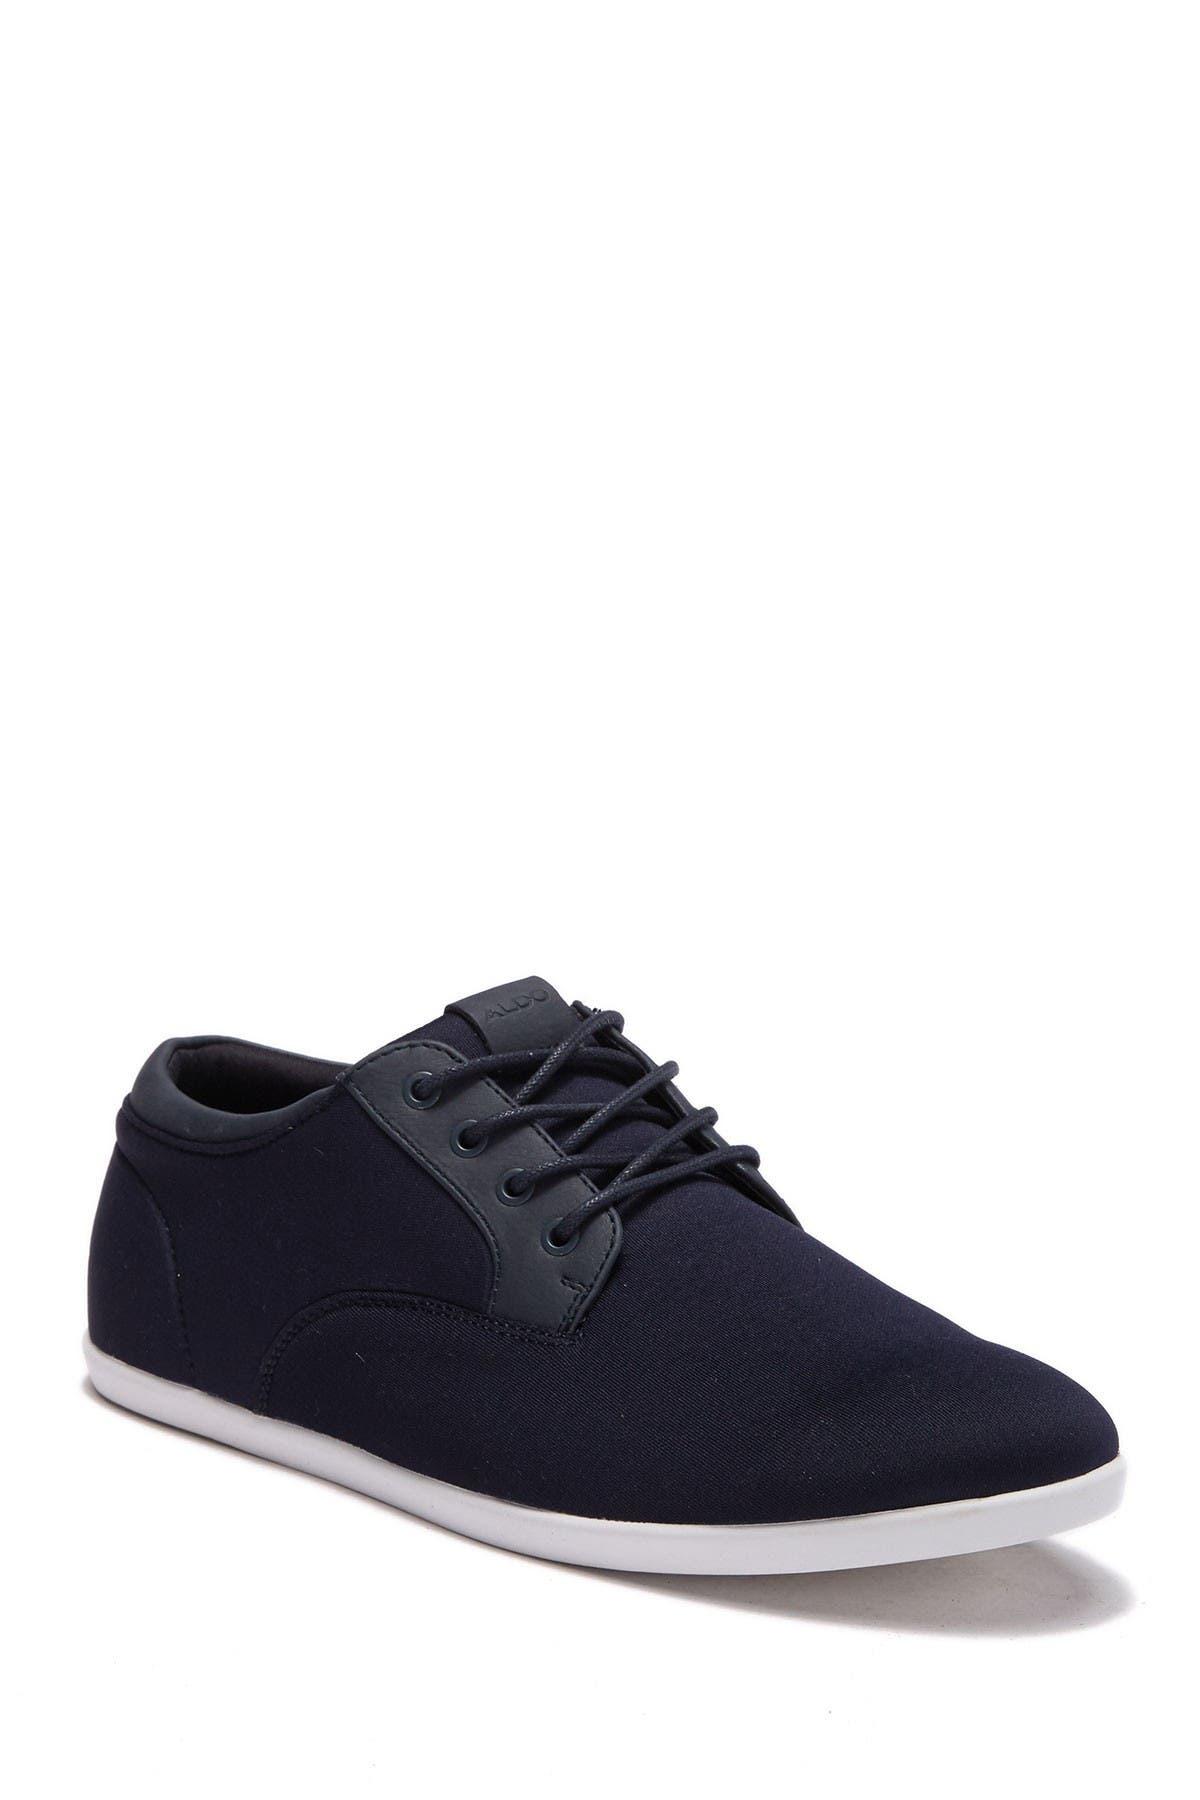 Aldo | Arger Sneaker | HauteLook